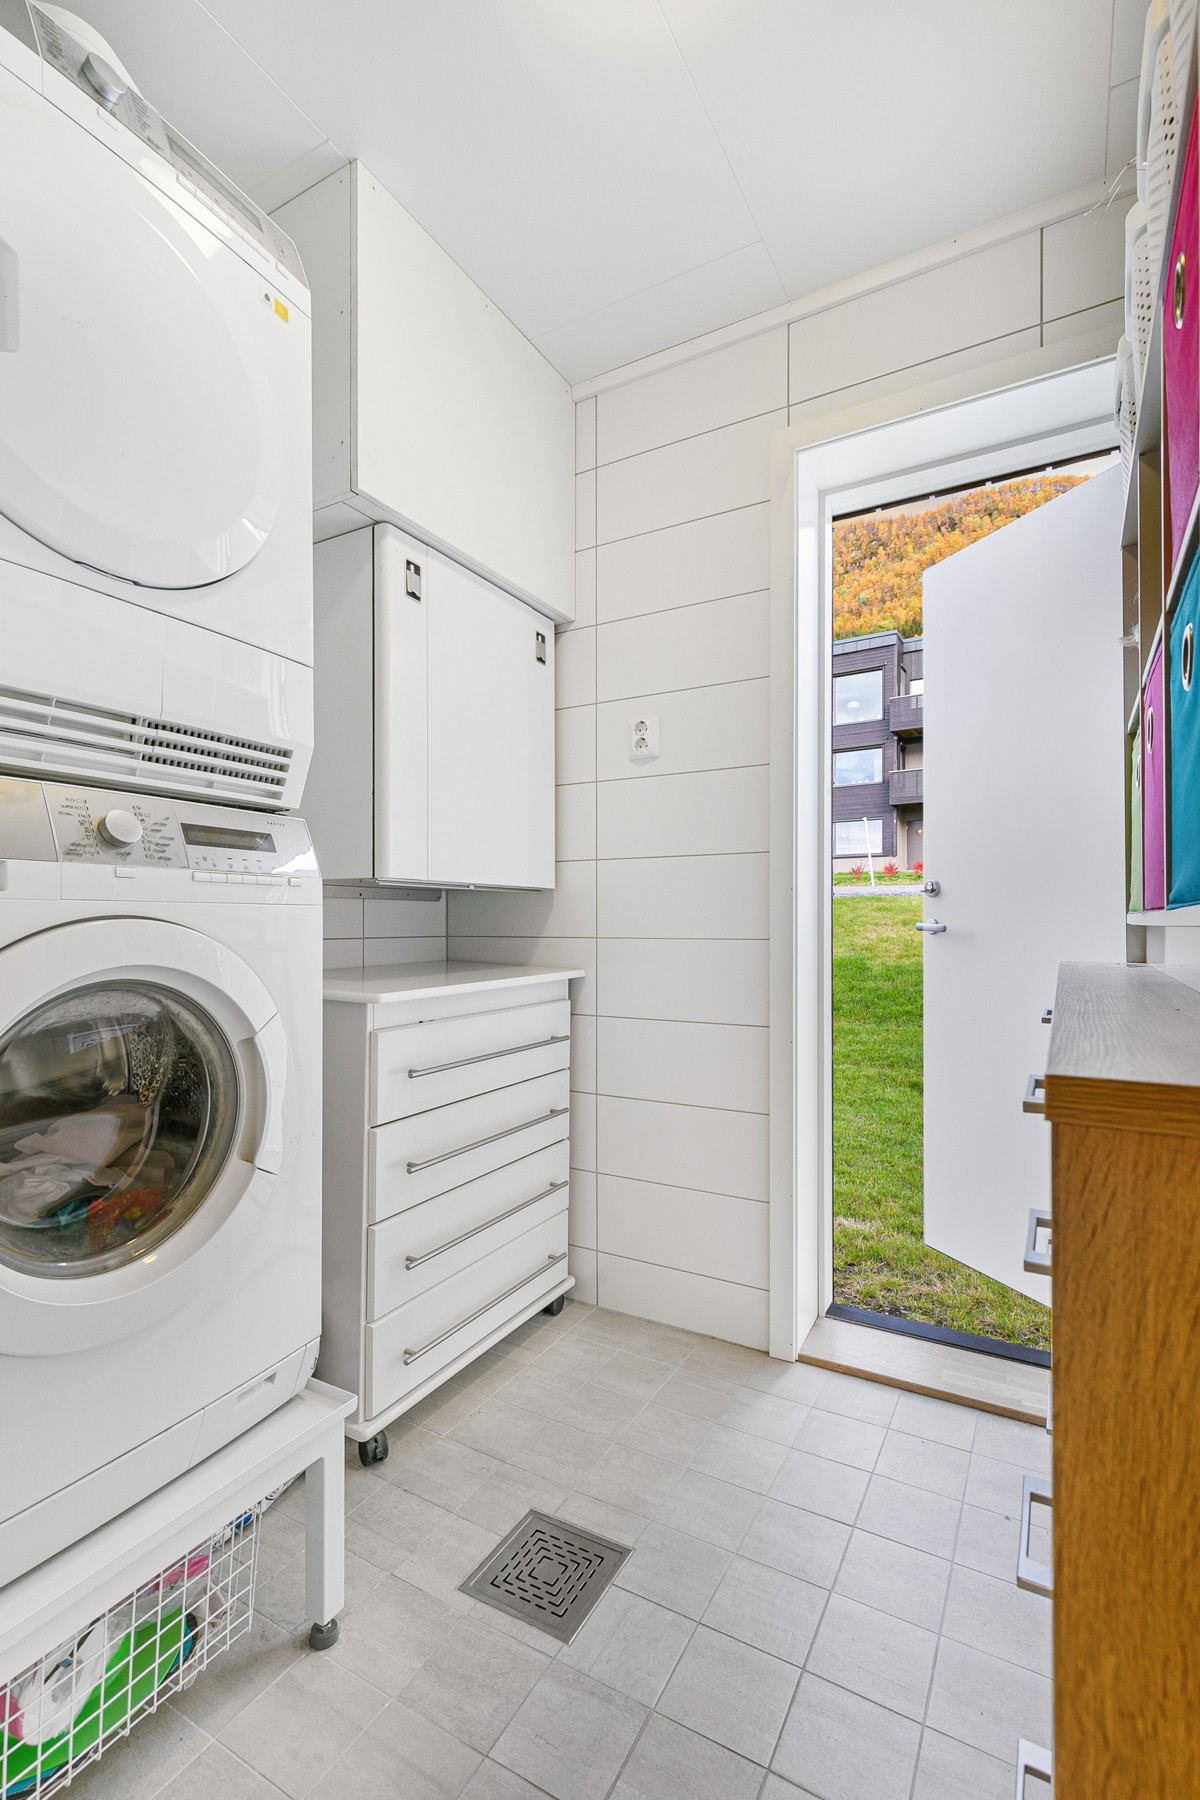 Vaskerom med egen praktisk inngang, samt opplegg for vaskemaskin